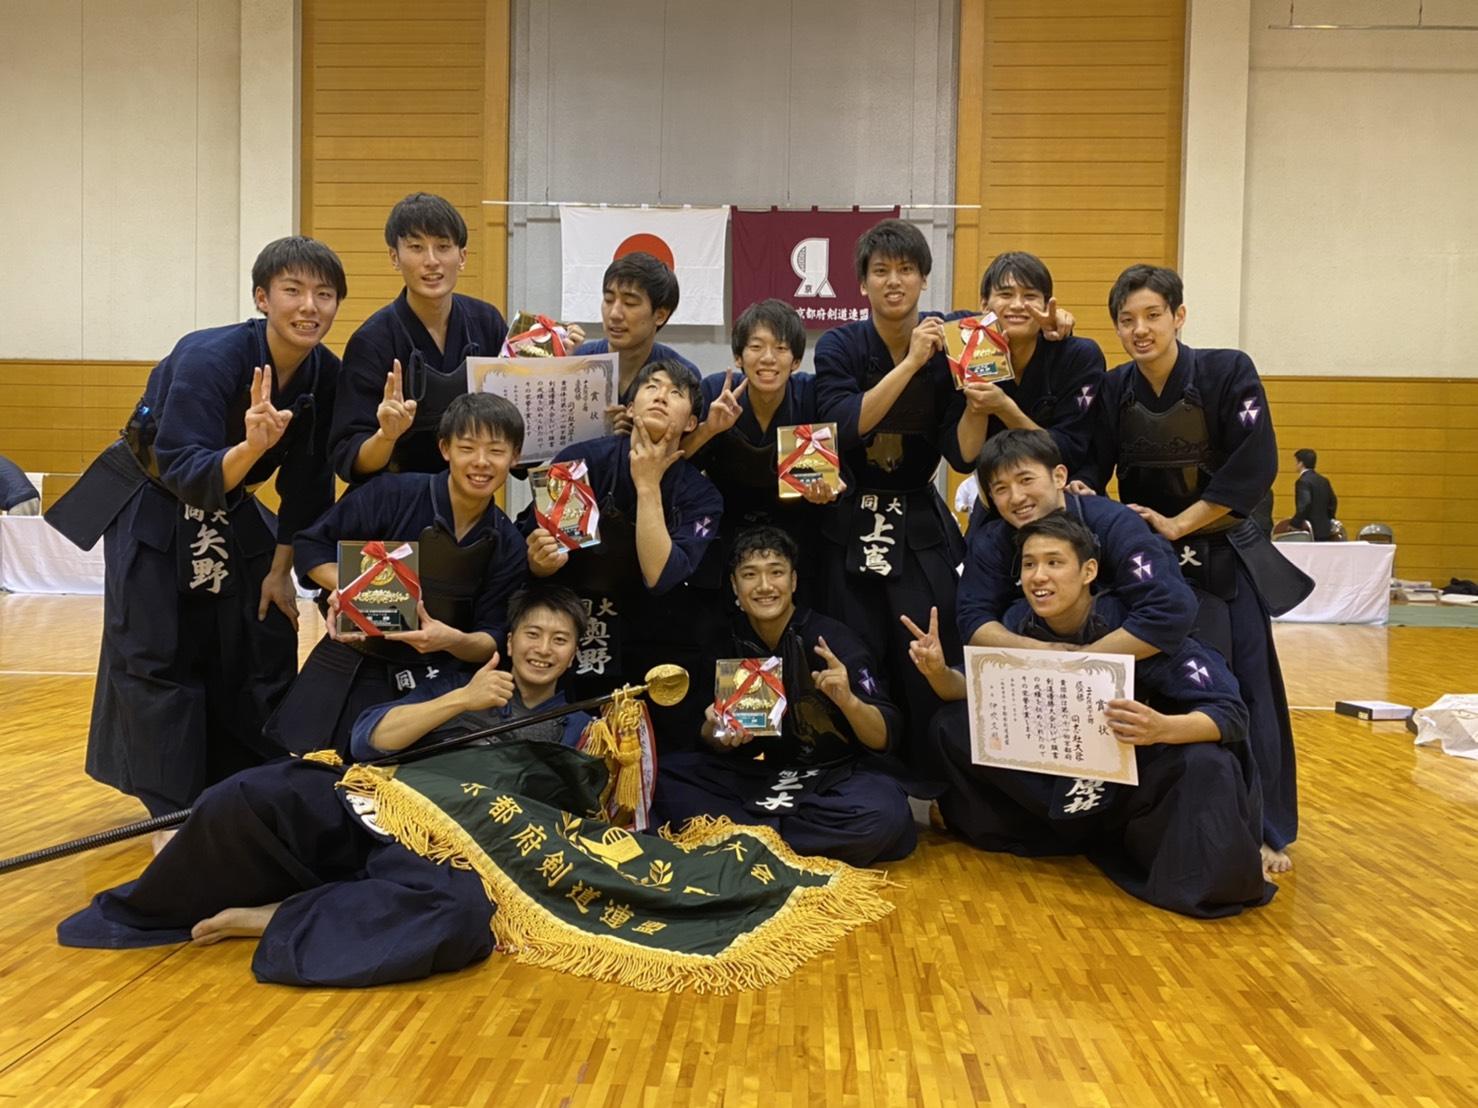 【結果報告】第61回京都府剣道優勝大会(2019.11.10)